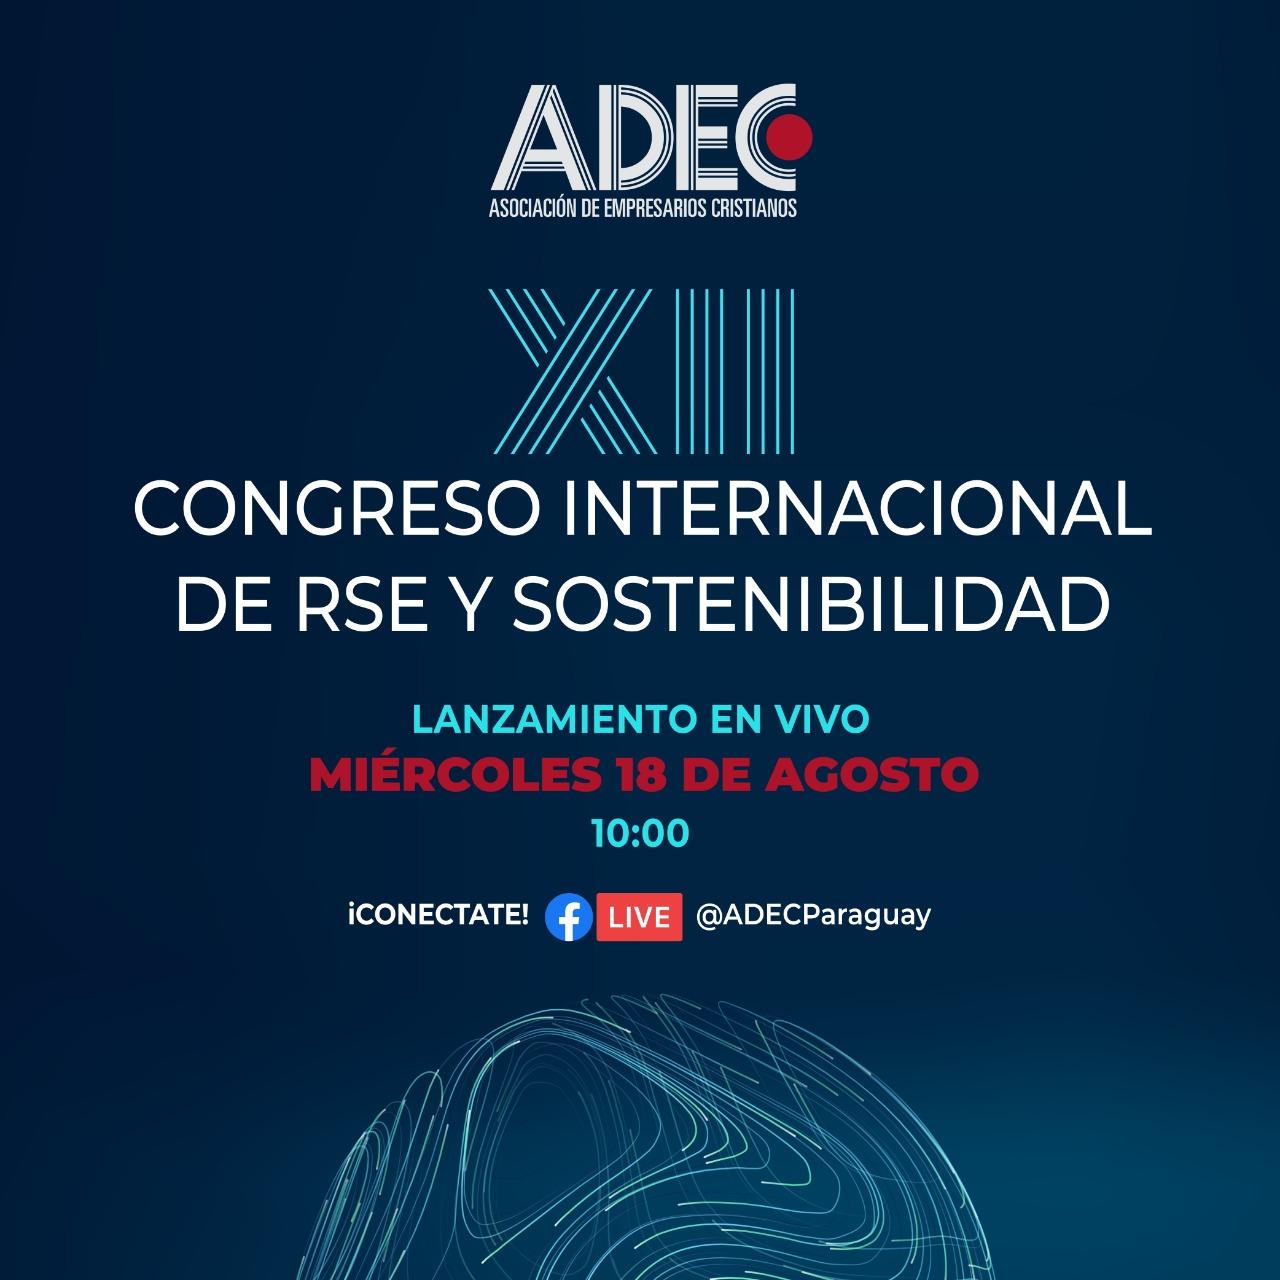 ADEC lanza el XII congreso internacional de Responsabilidad Social Empresarial y Sostenibilidad